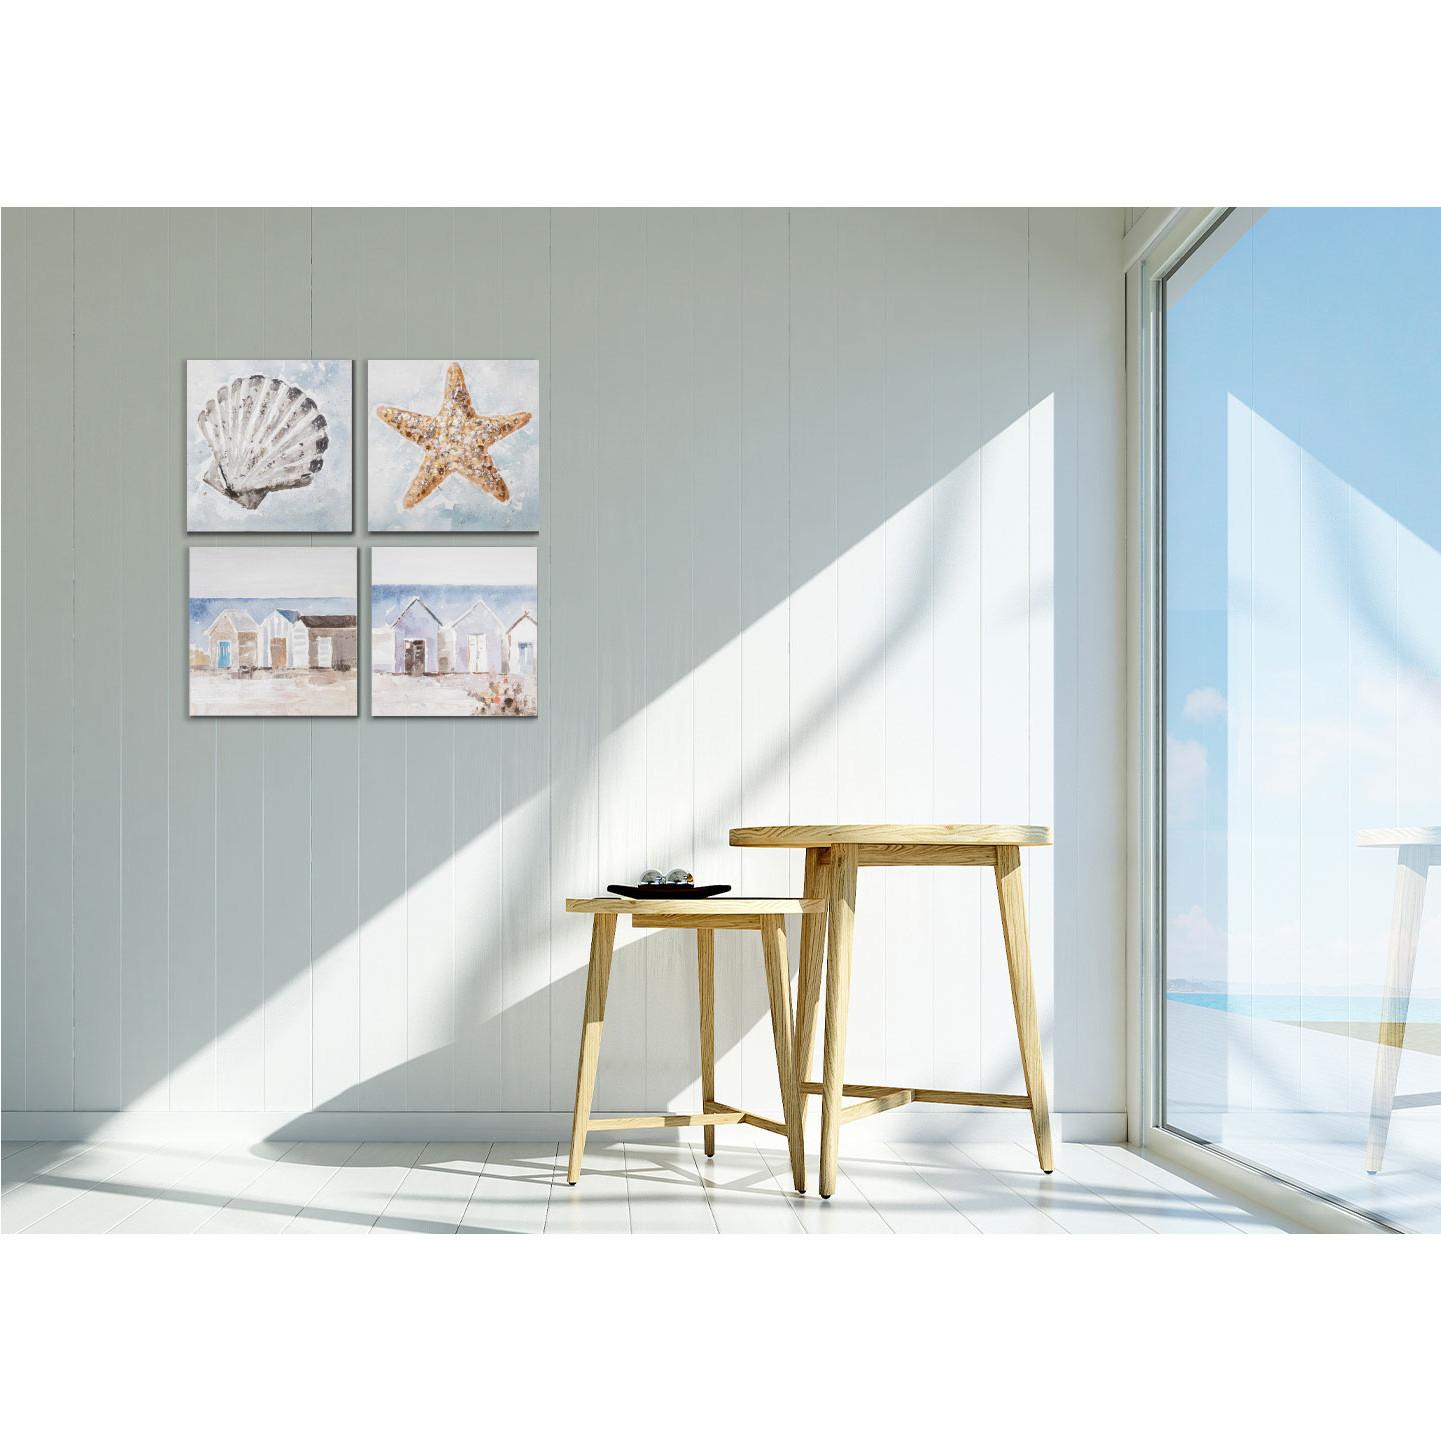 Quadri Per Bagno Moderno agave set 2pz quadri dipinti moderni con paesaggio 30x30